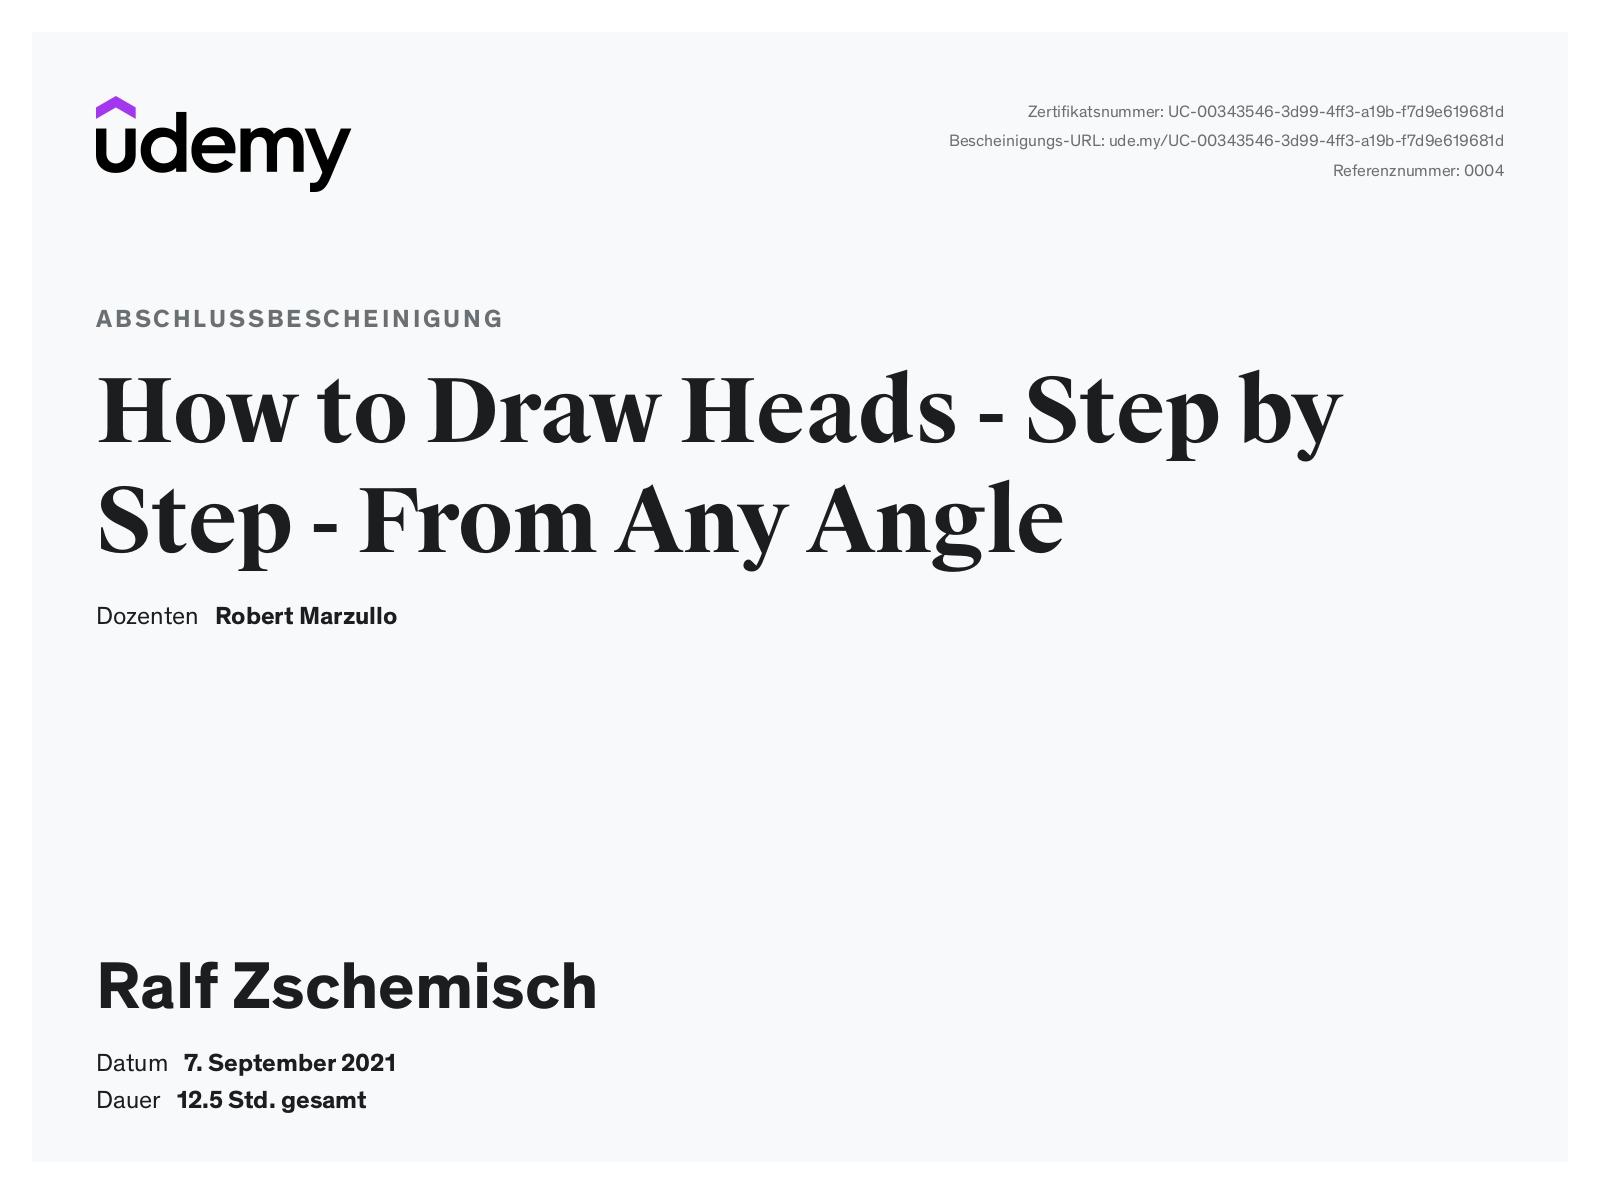 """Meine Abschlussbescheinigung für den Kurs """"How to Draw Heads - Step by Step - From Any Angle"""""""